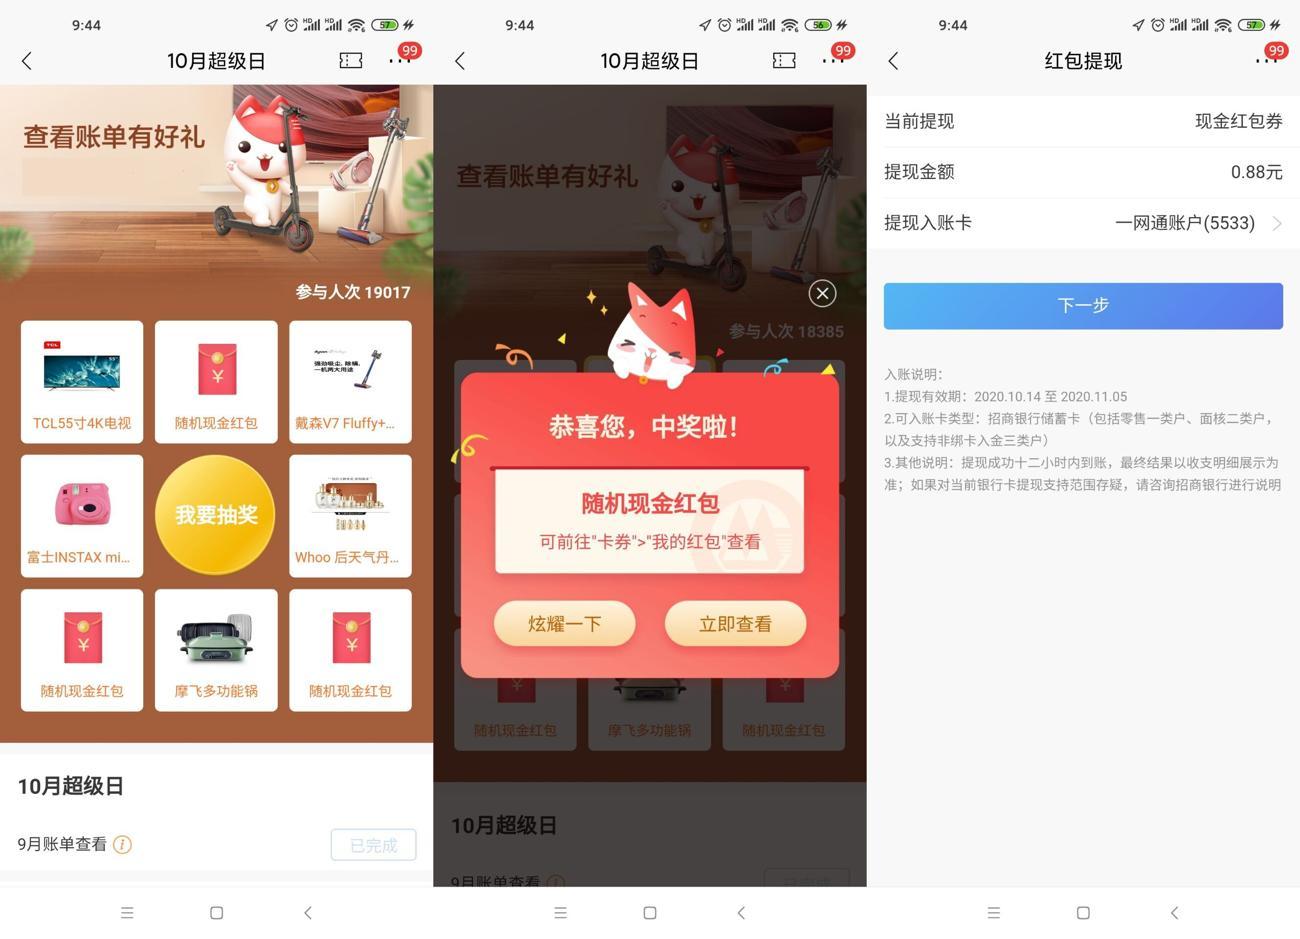 图片[1]-招行老用户10月超级日领红包-飞享资源网